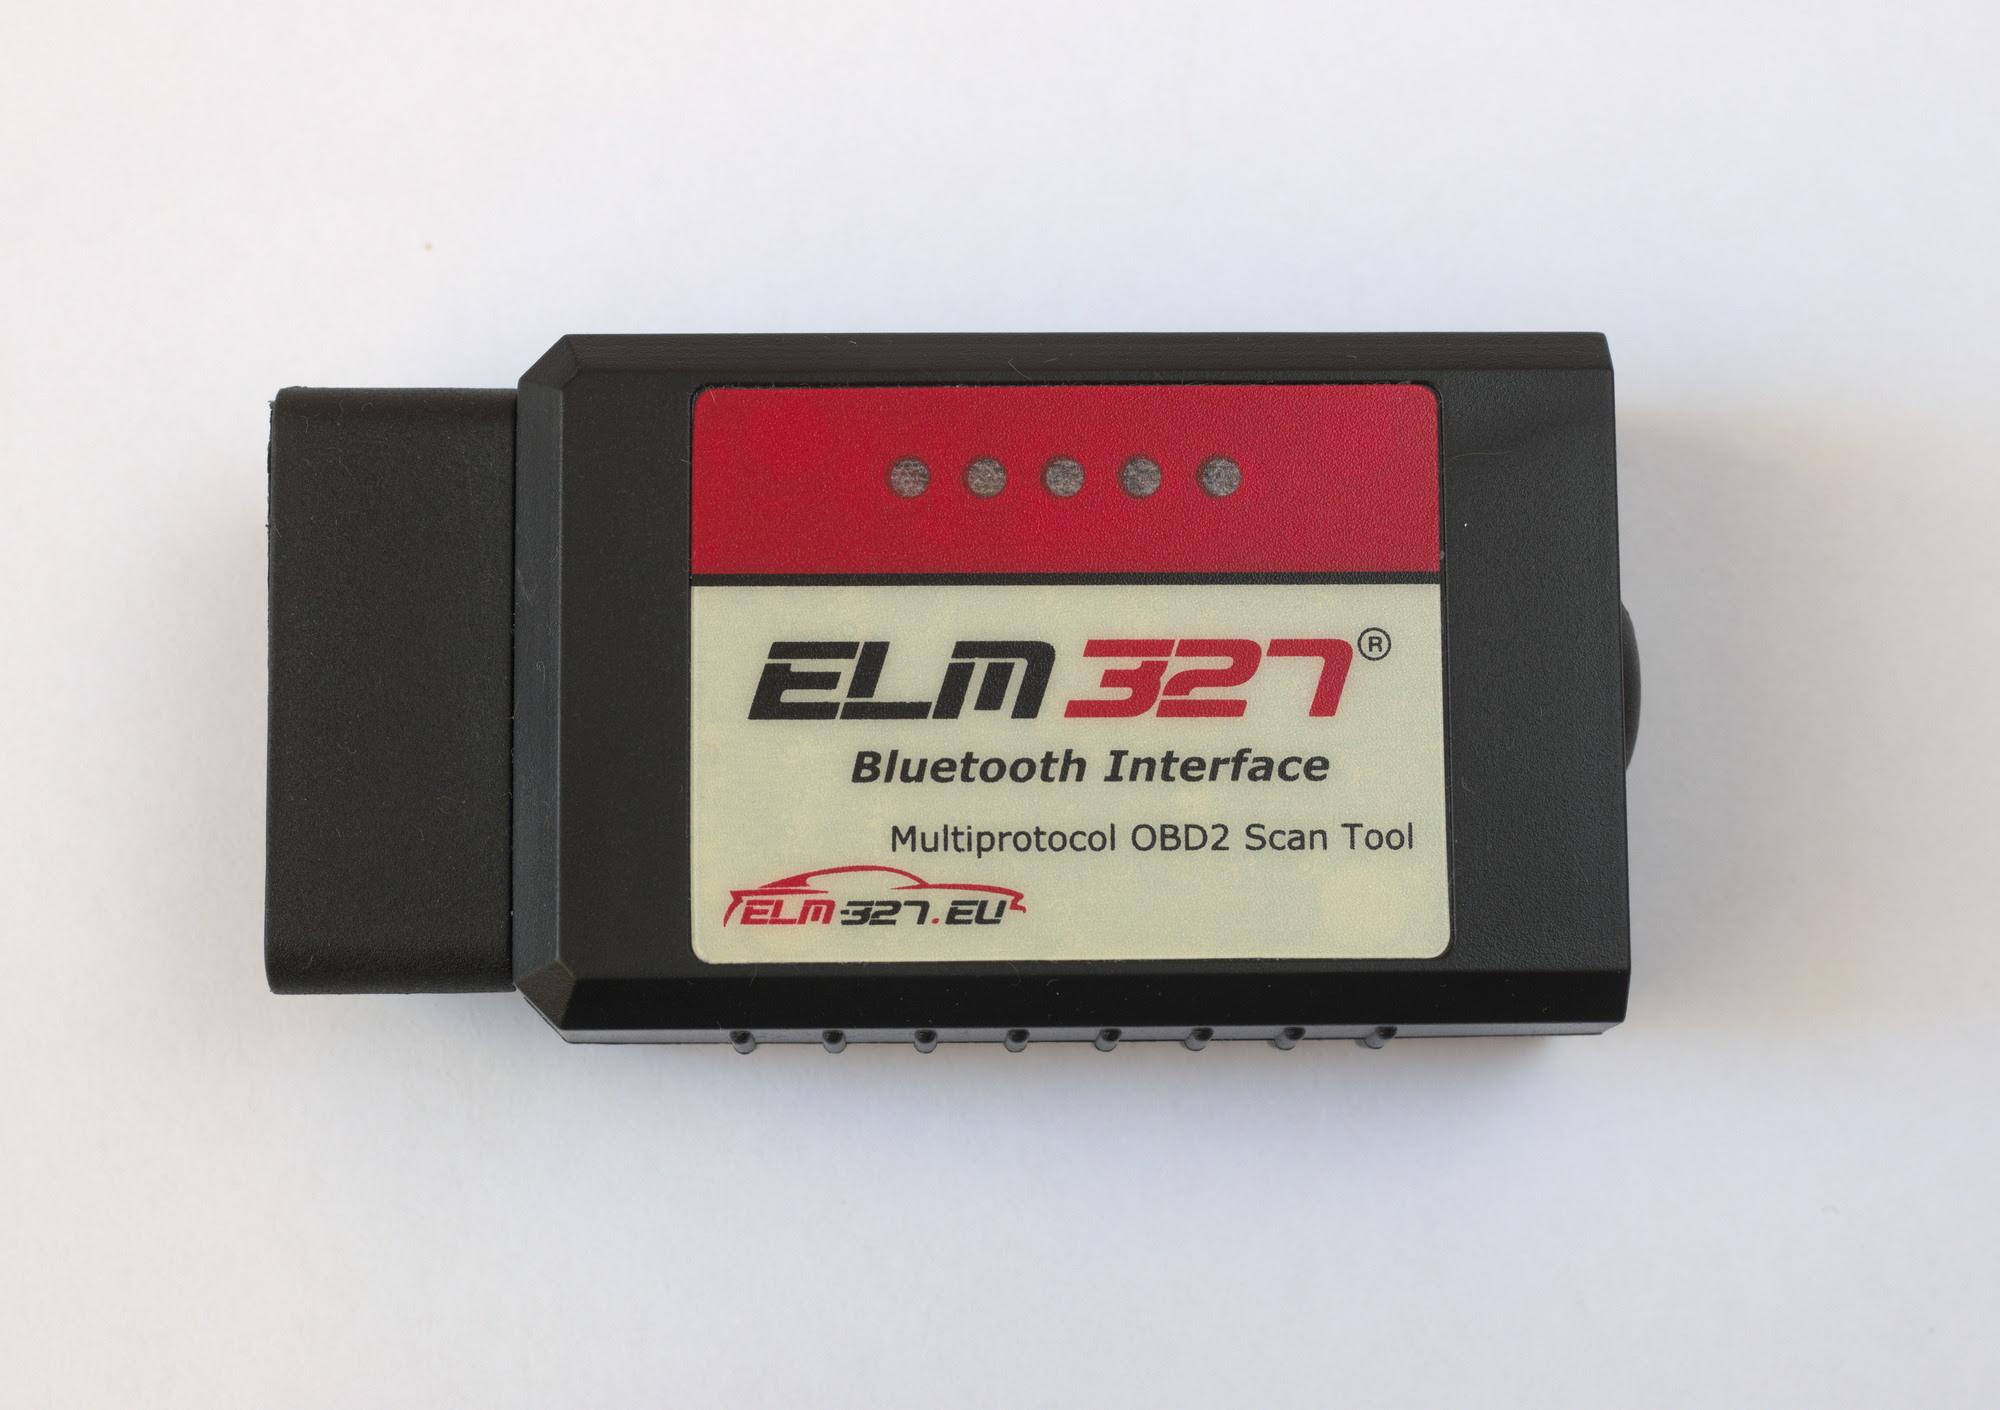 Чем наши ELM327 отличаются от других? - интернет-магазин «ELM327rus» в Новосибирске